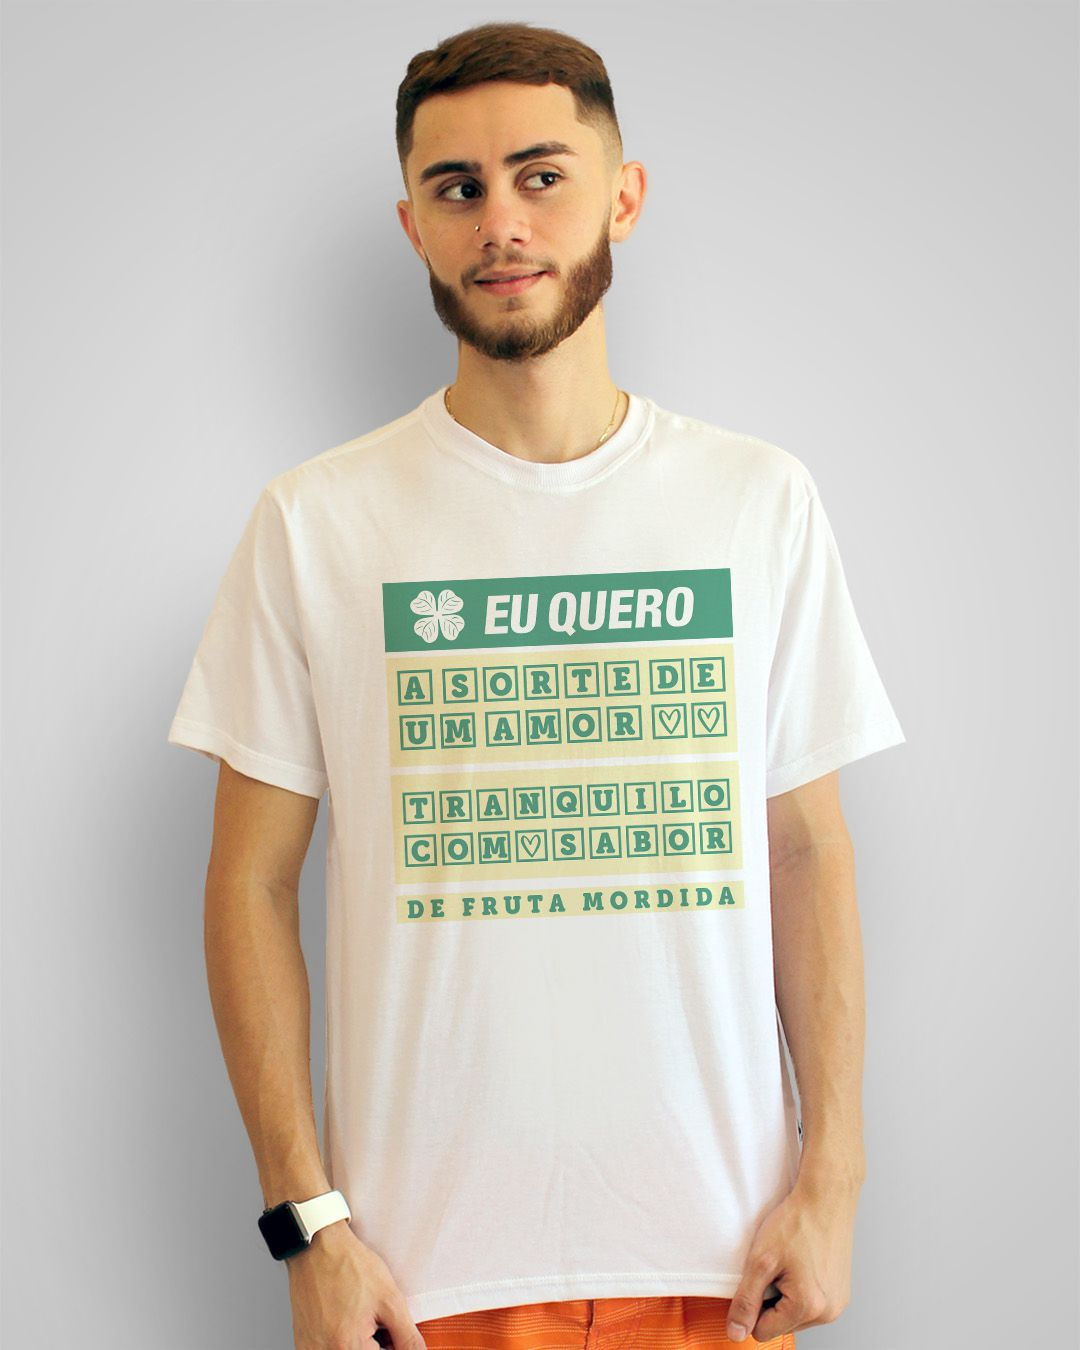 Camiseta Eu quero a sorte de um amor tranquilo, com sabor de fruta mordida - Cazuza ft. Cássia Eller